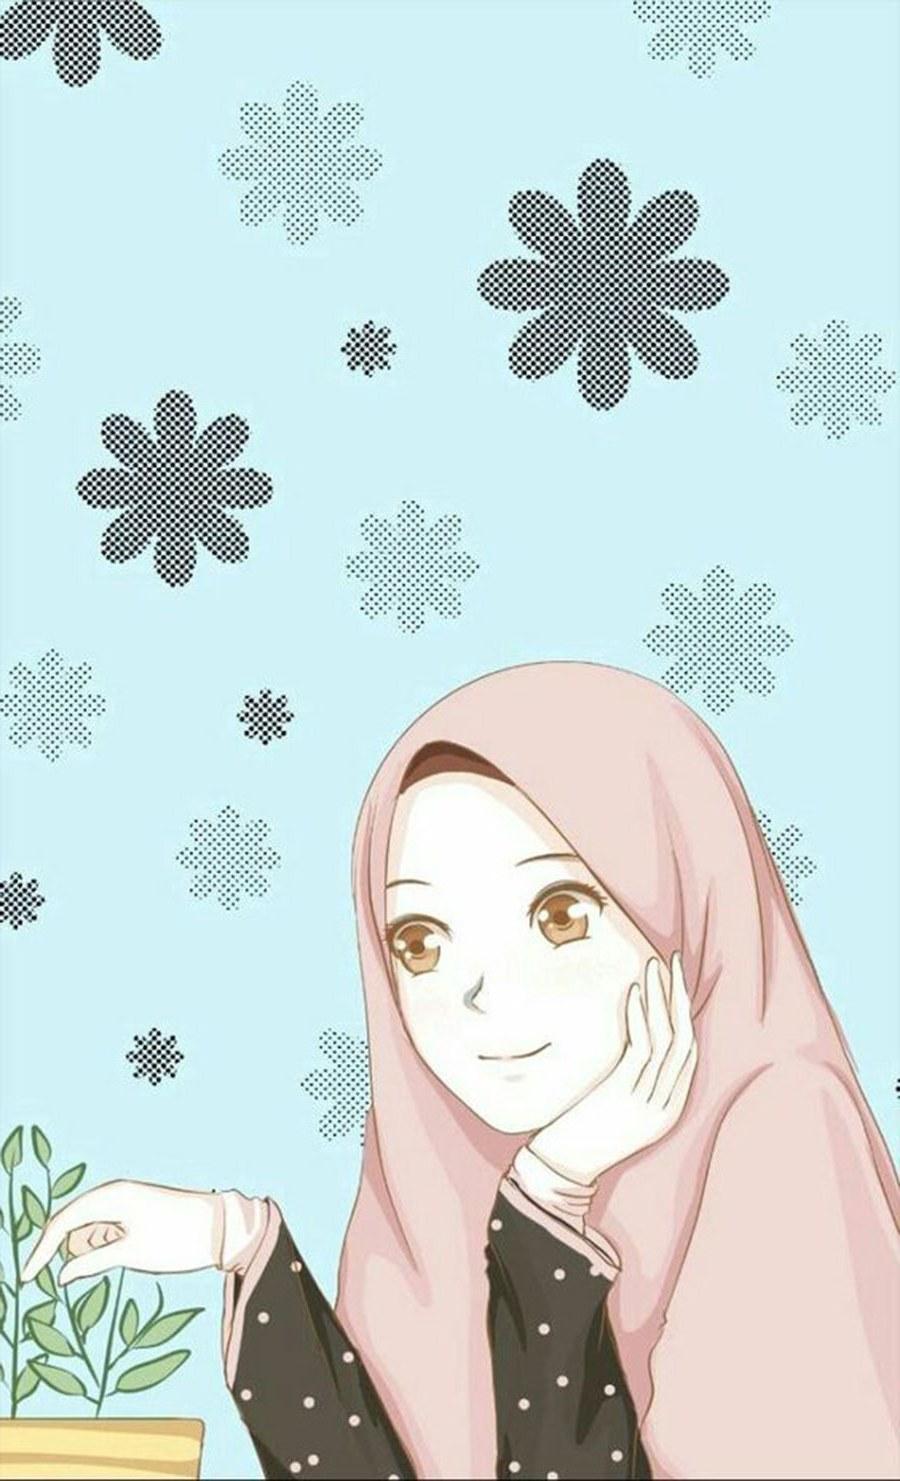 Inspirasi Muslimah Kartun Cantik Whdr 1000 Gambar Kartun Muslimah Cantik Bercadar Kacamata El